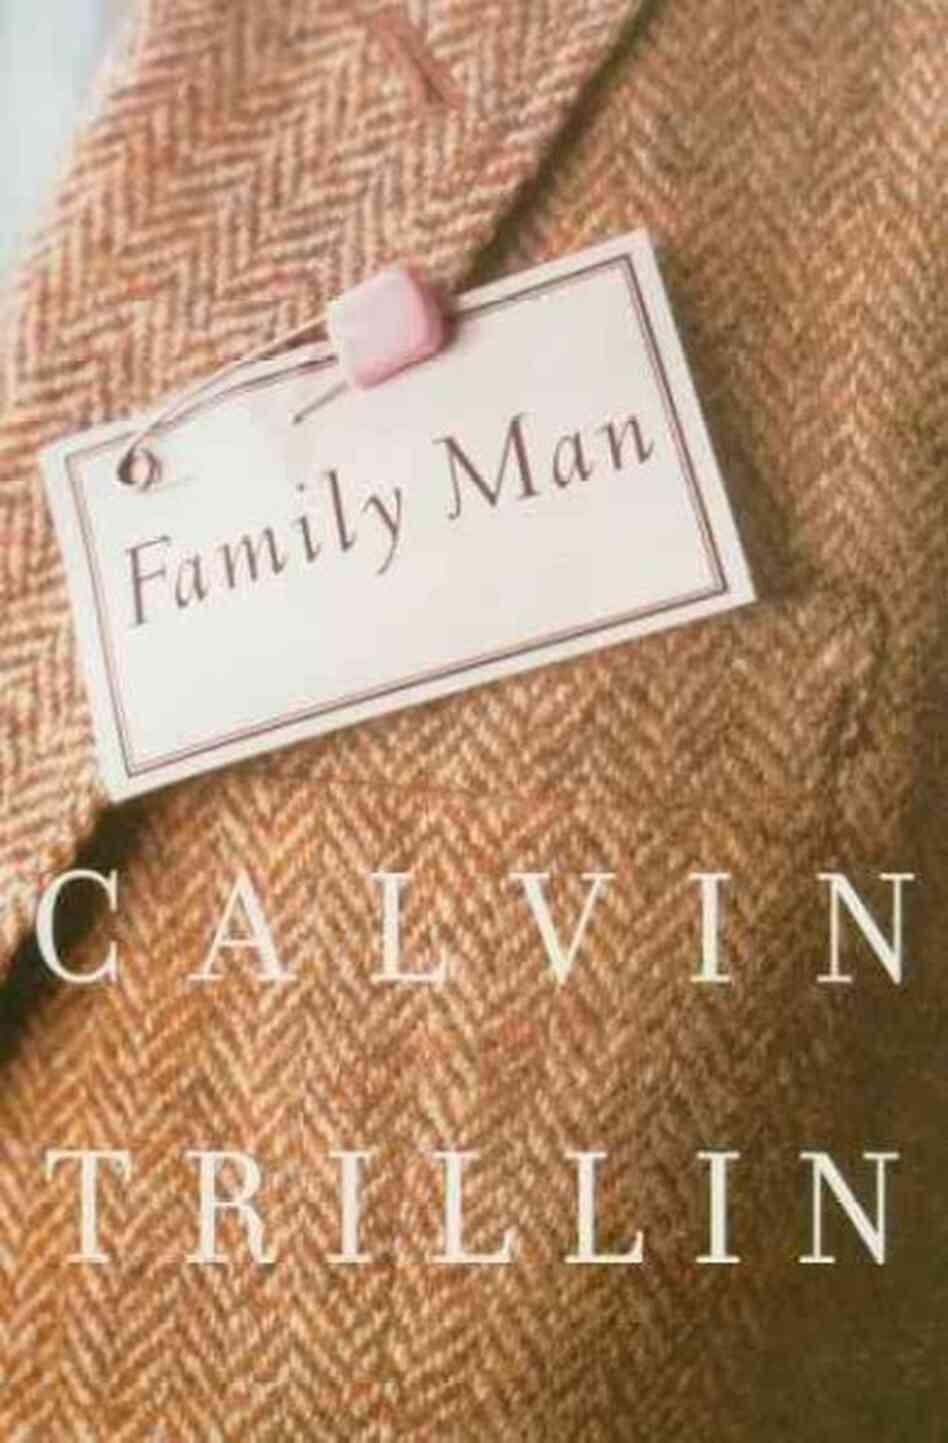 Calvin trillin essay